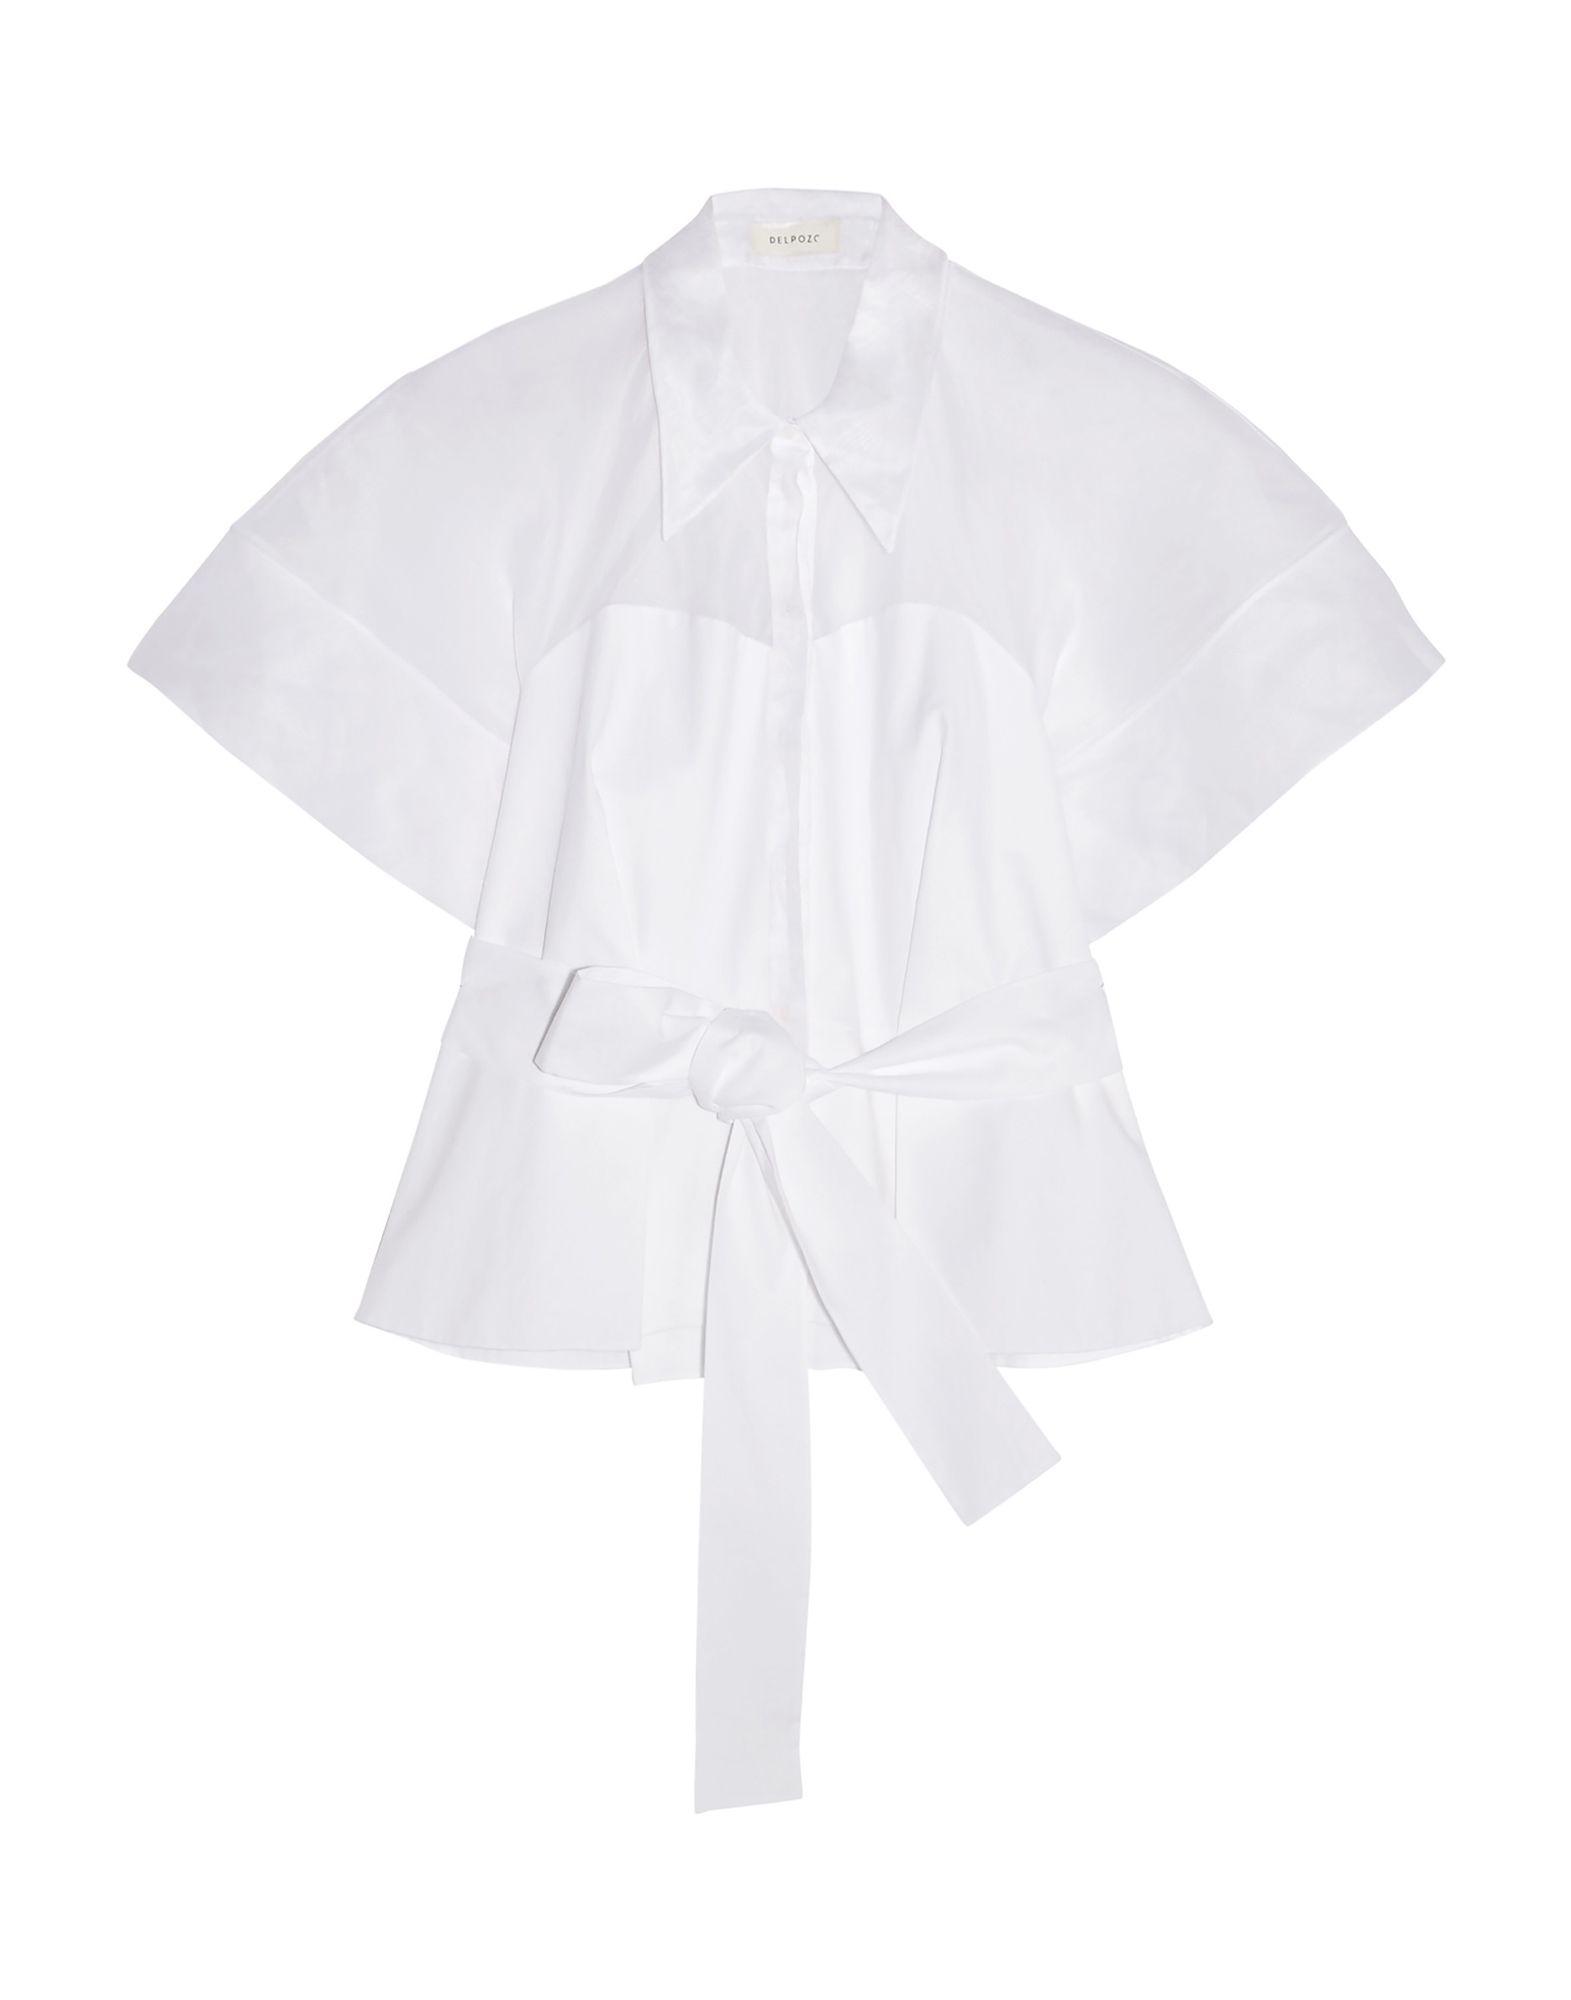 《送料無料》DELPOZO レディース シャツ ホワイト 36 コットン 100%